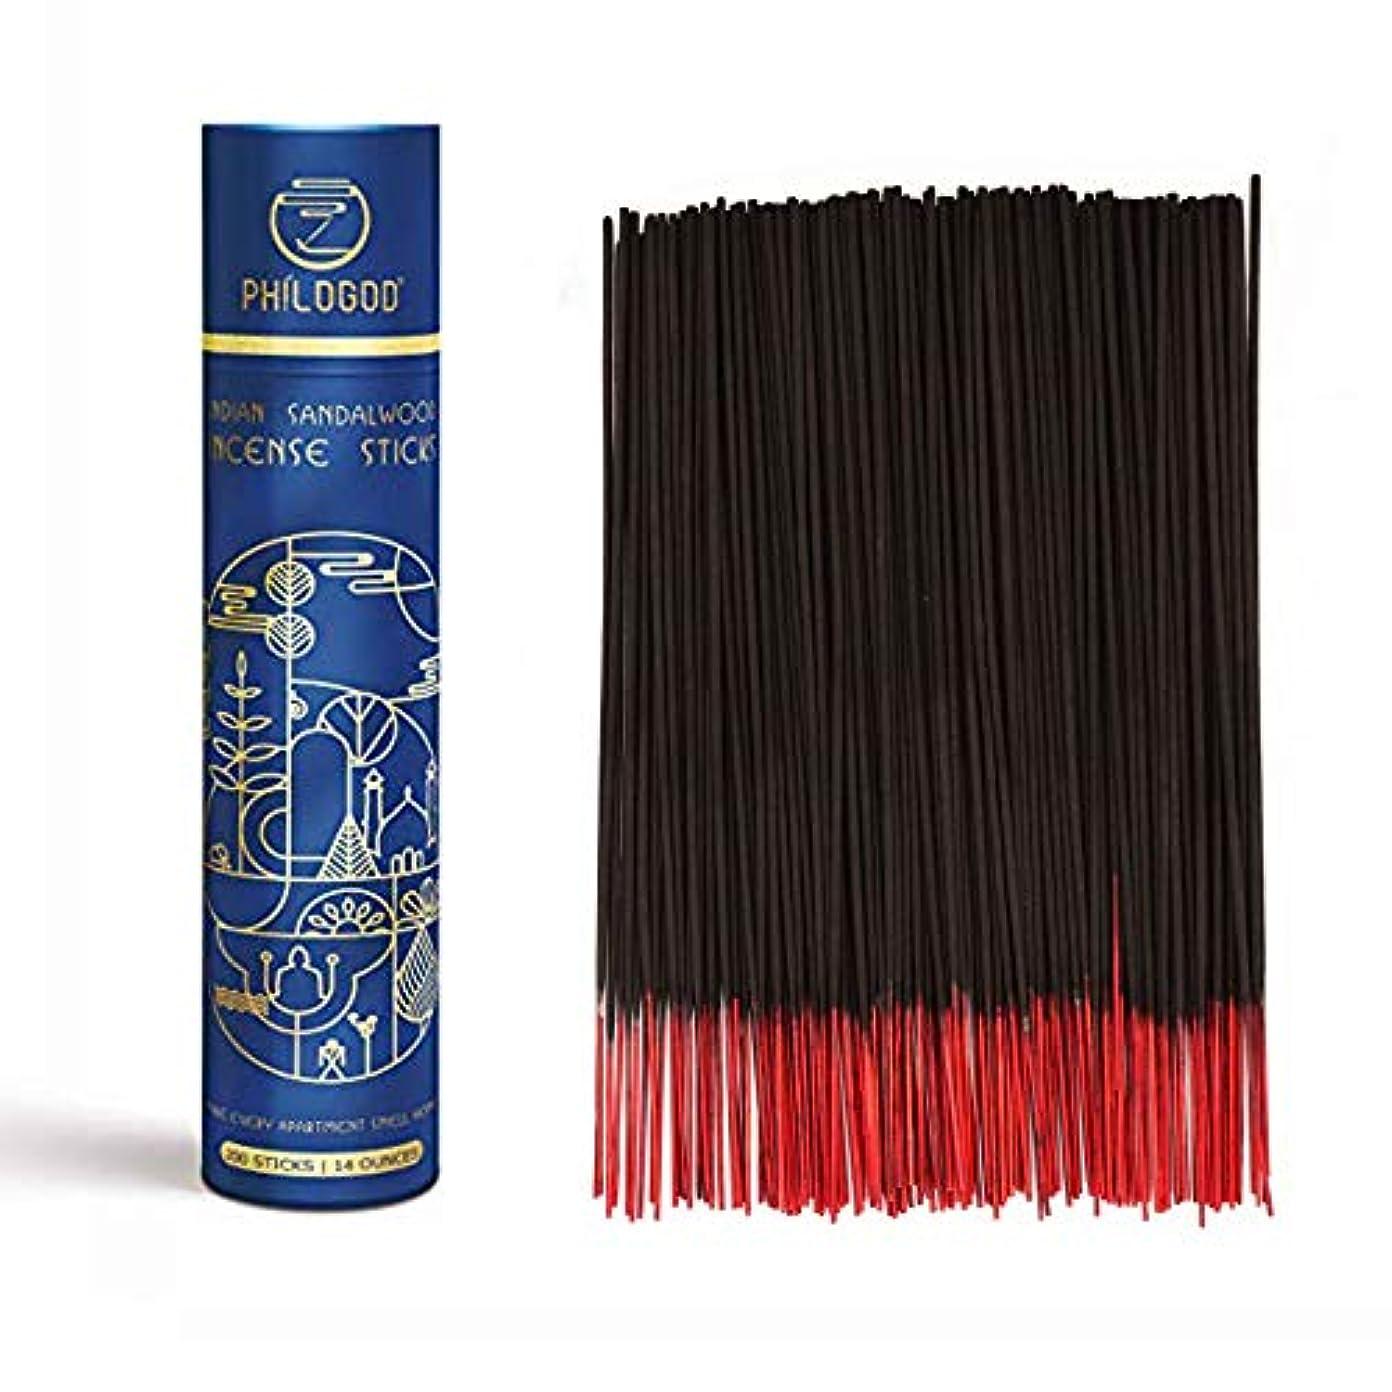 贅沢あいまい早く上質なインドお香スティック 手作り 100%ナチュラル 長続く線香 ヨガ瞑想 200本入れ (オリエンタル系)